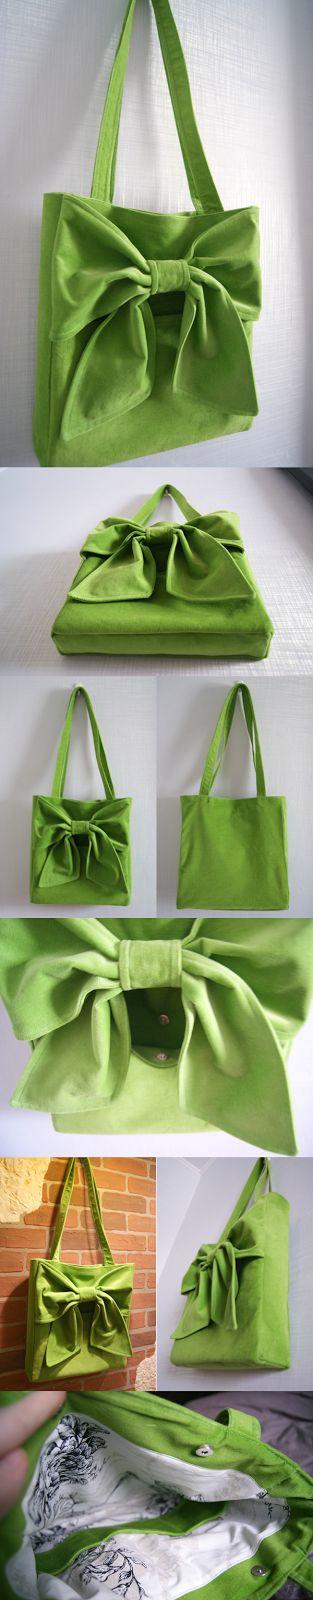 Шнуристика: Сумочка из зеленого вельвета с бантом.